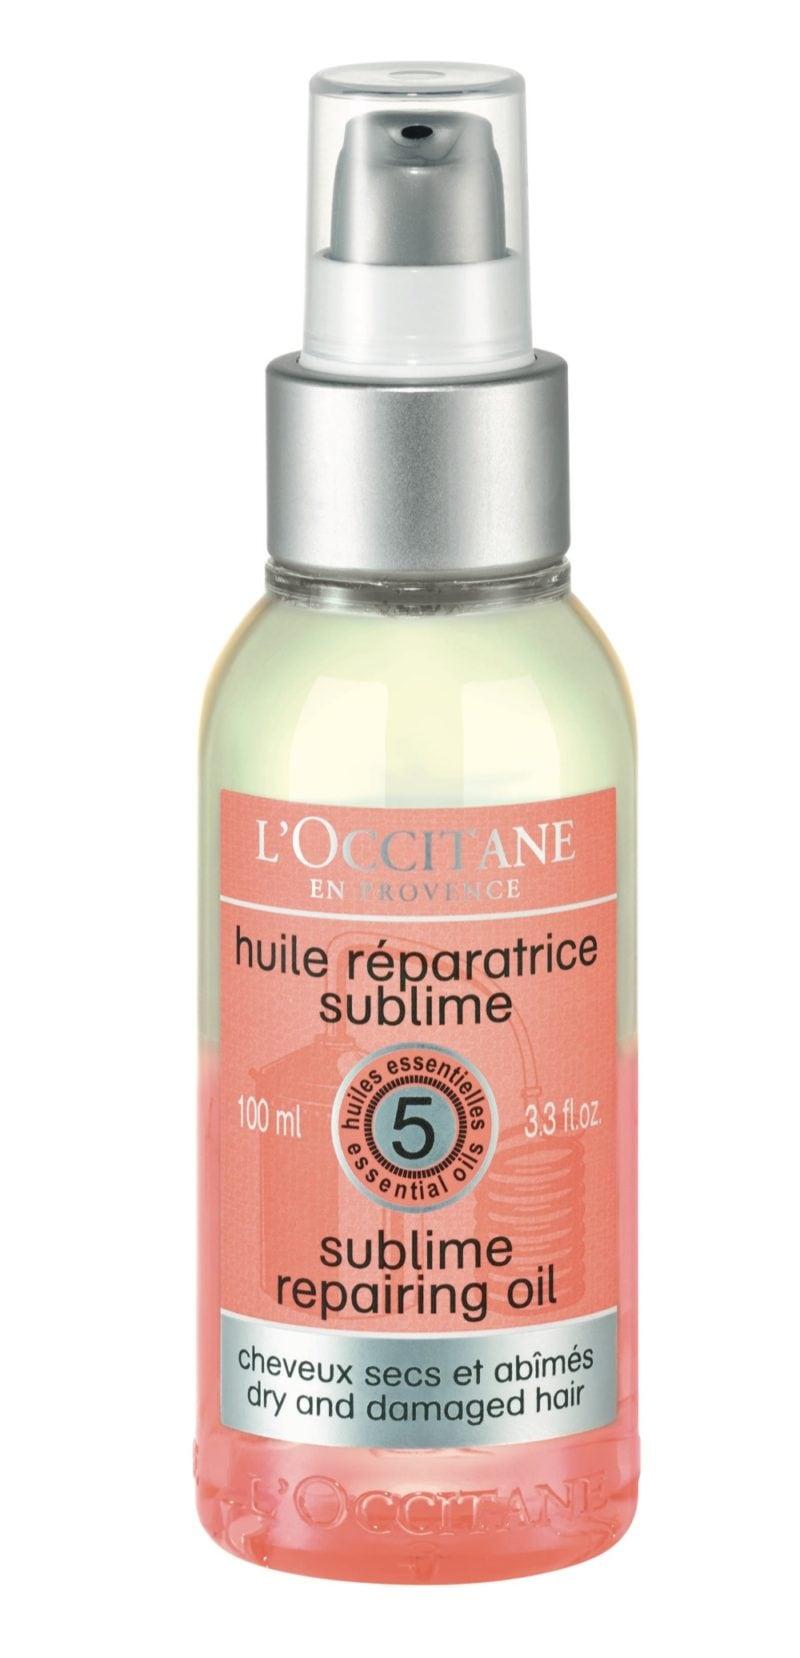 olio-per-capelli-come-si-usa-e-per-chi-e-adatto-Huile RÇparatrice Sublime AROMACHOLOGIE_L'Occitane